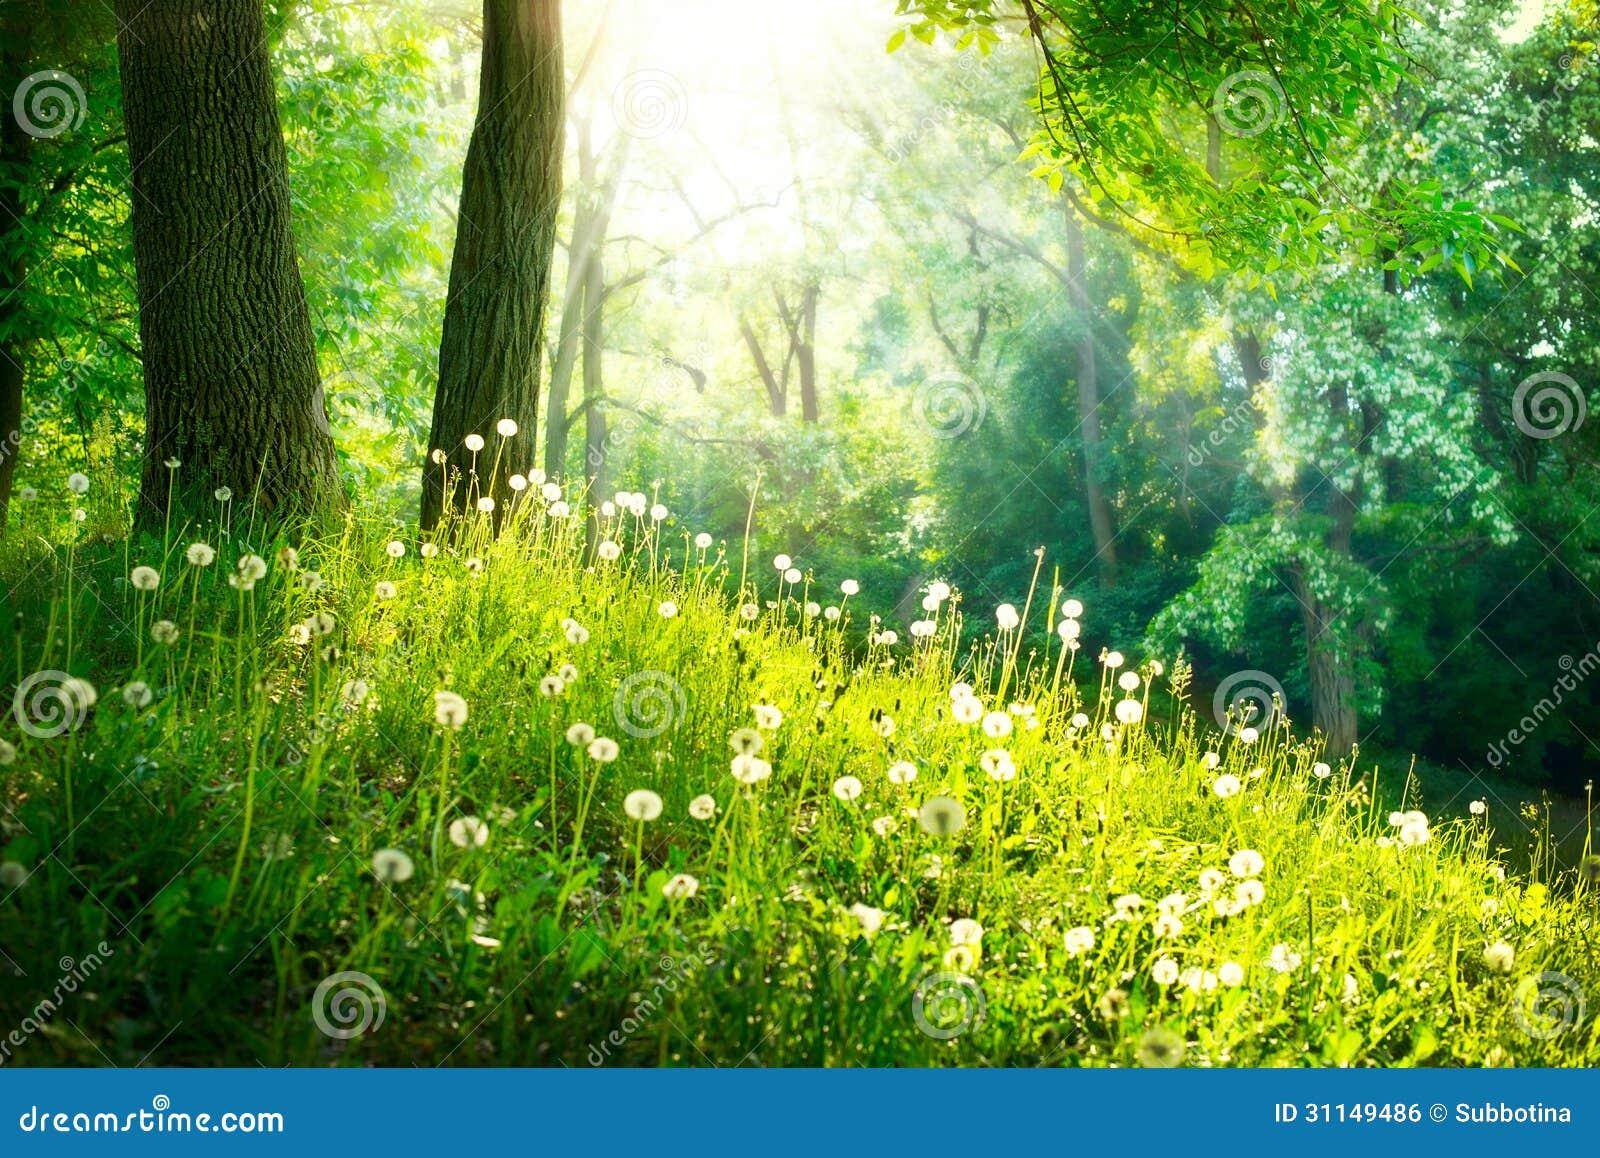 Krajobraz. Zielona trawa i drzewa